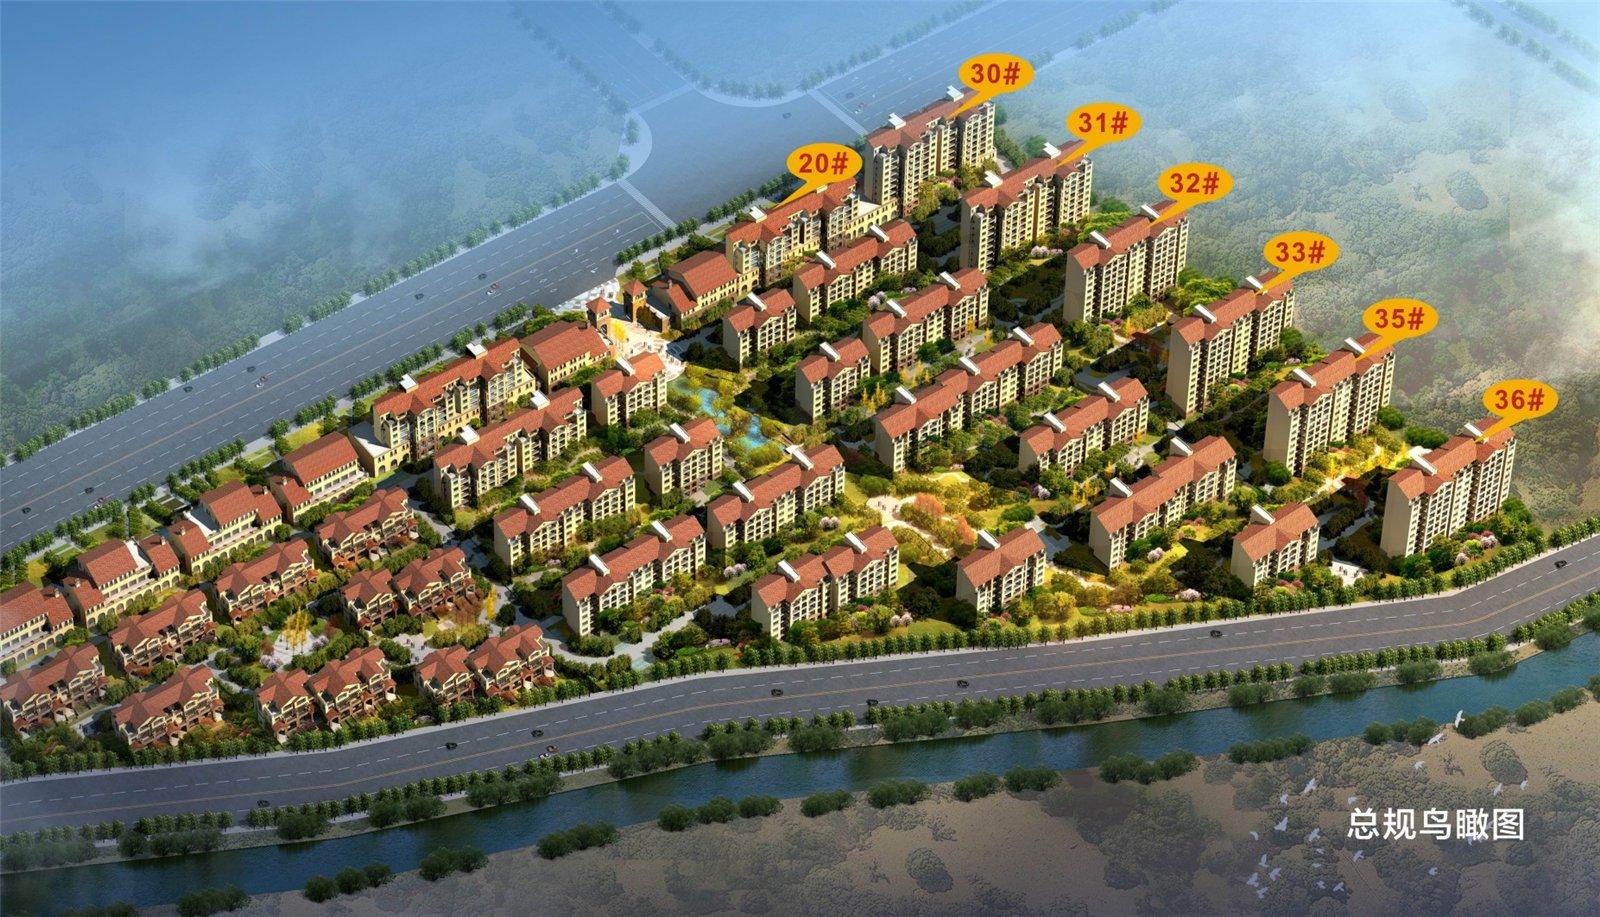 宝丰建业森林半岛小区楼盘规划图|户型图|实景图